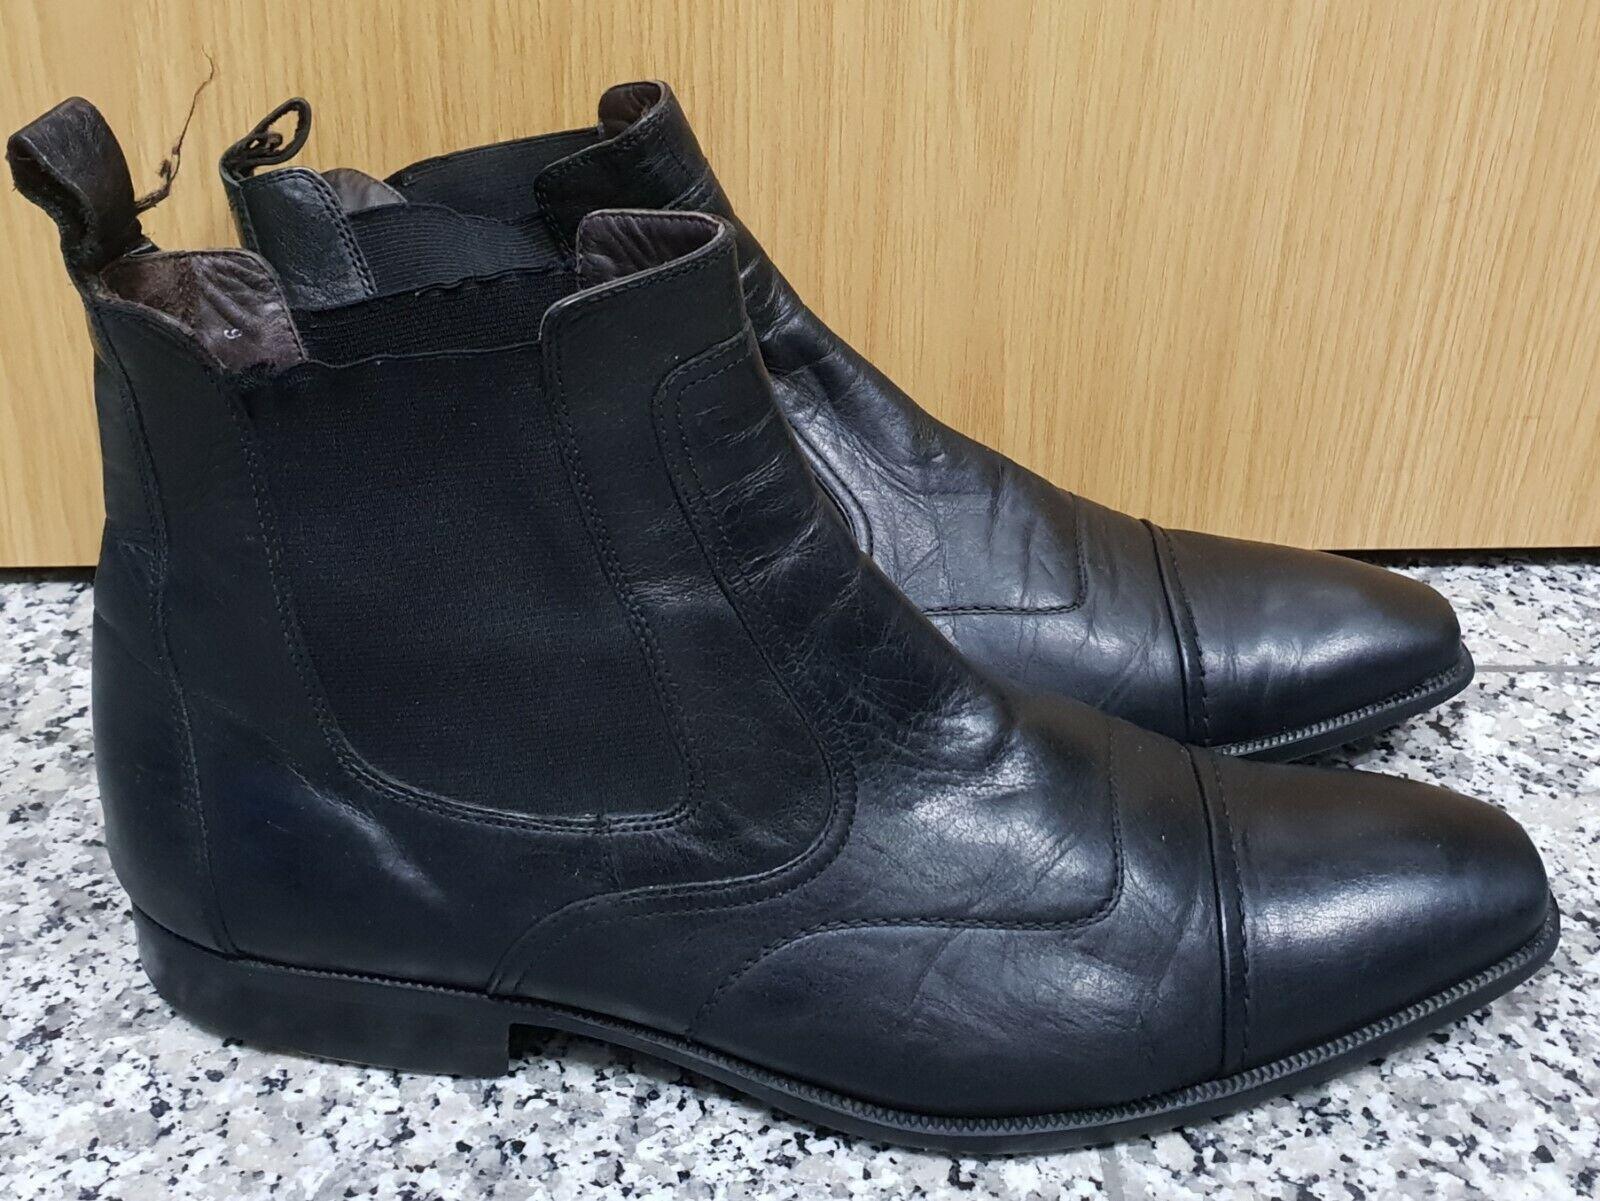 low priced ab2f6 bd5b2 LLOYD Echtleder Stiefel Stiefel Stiefel schwarz Anzug ...